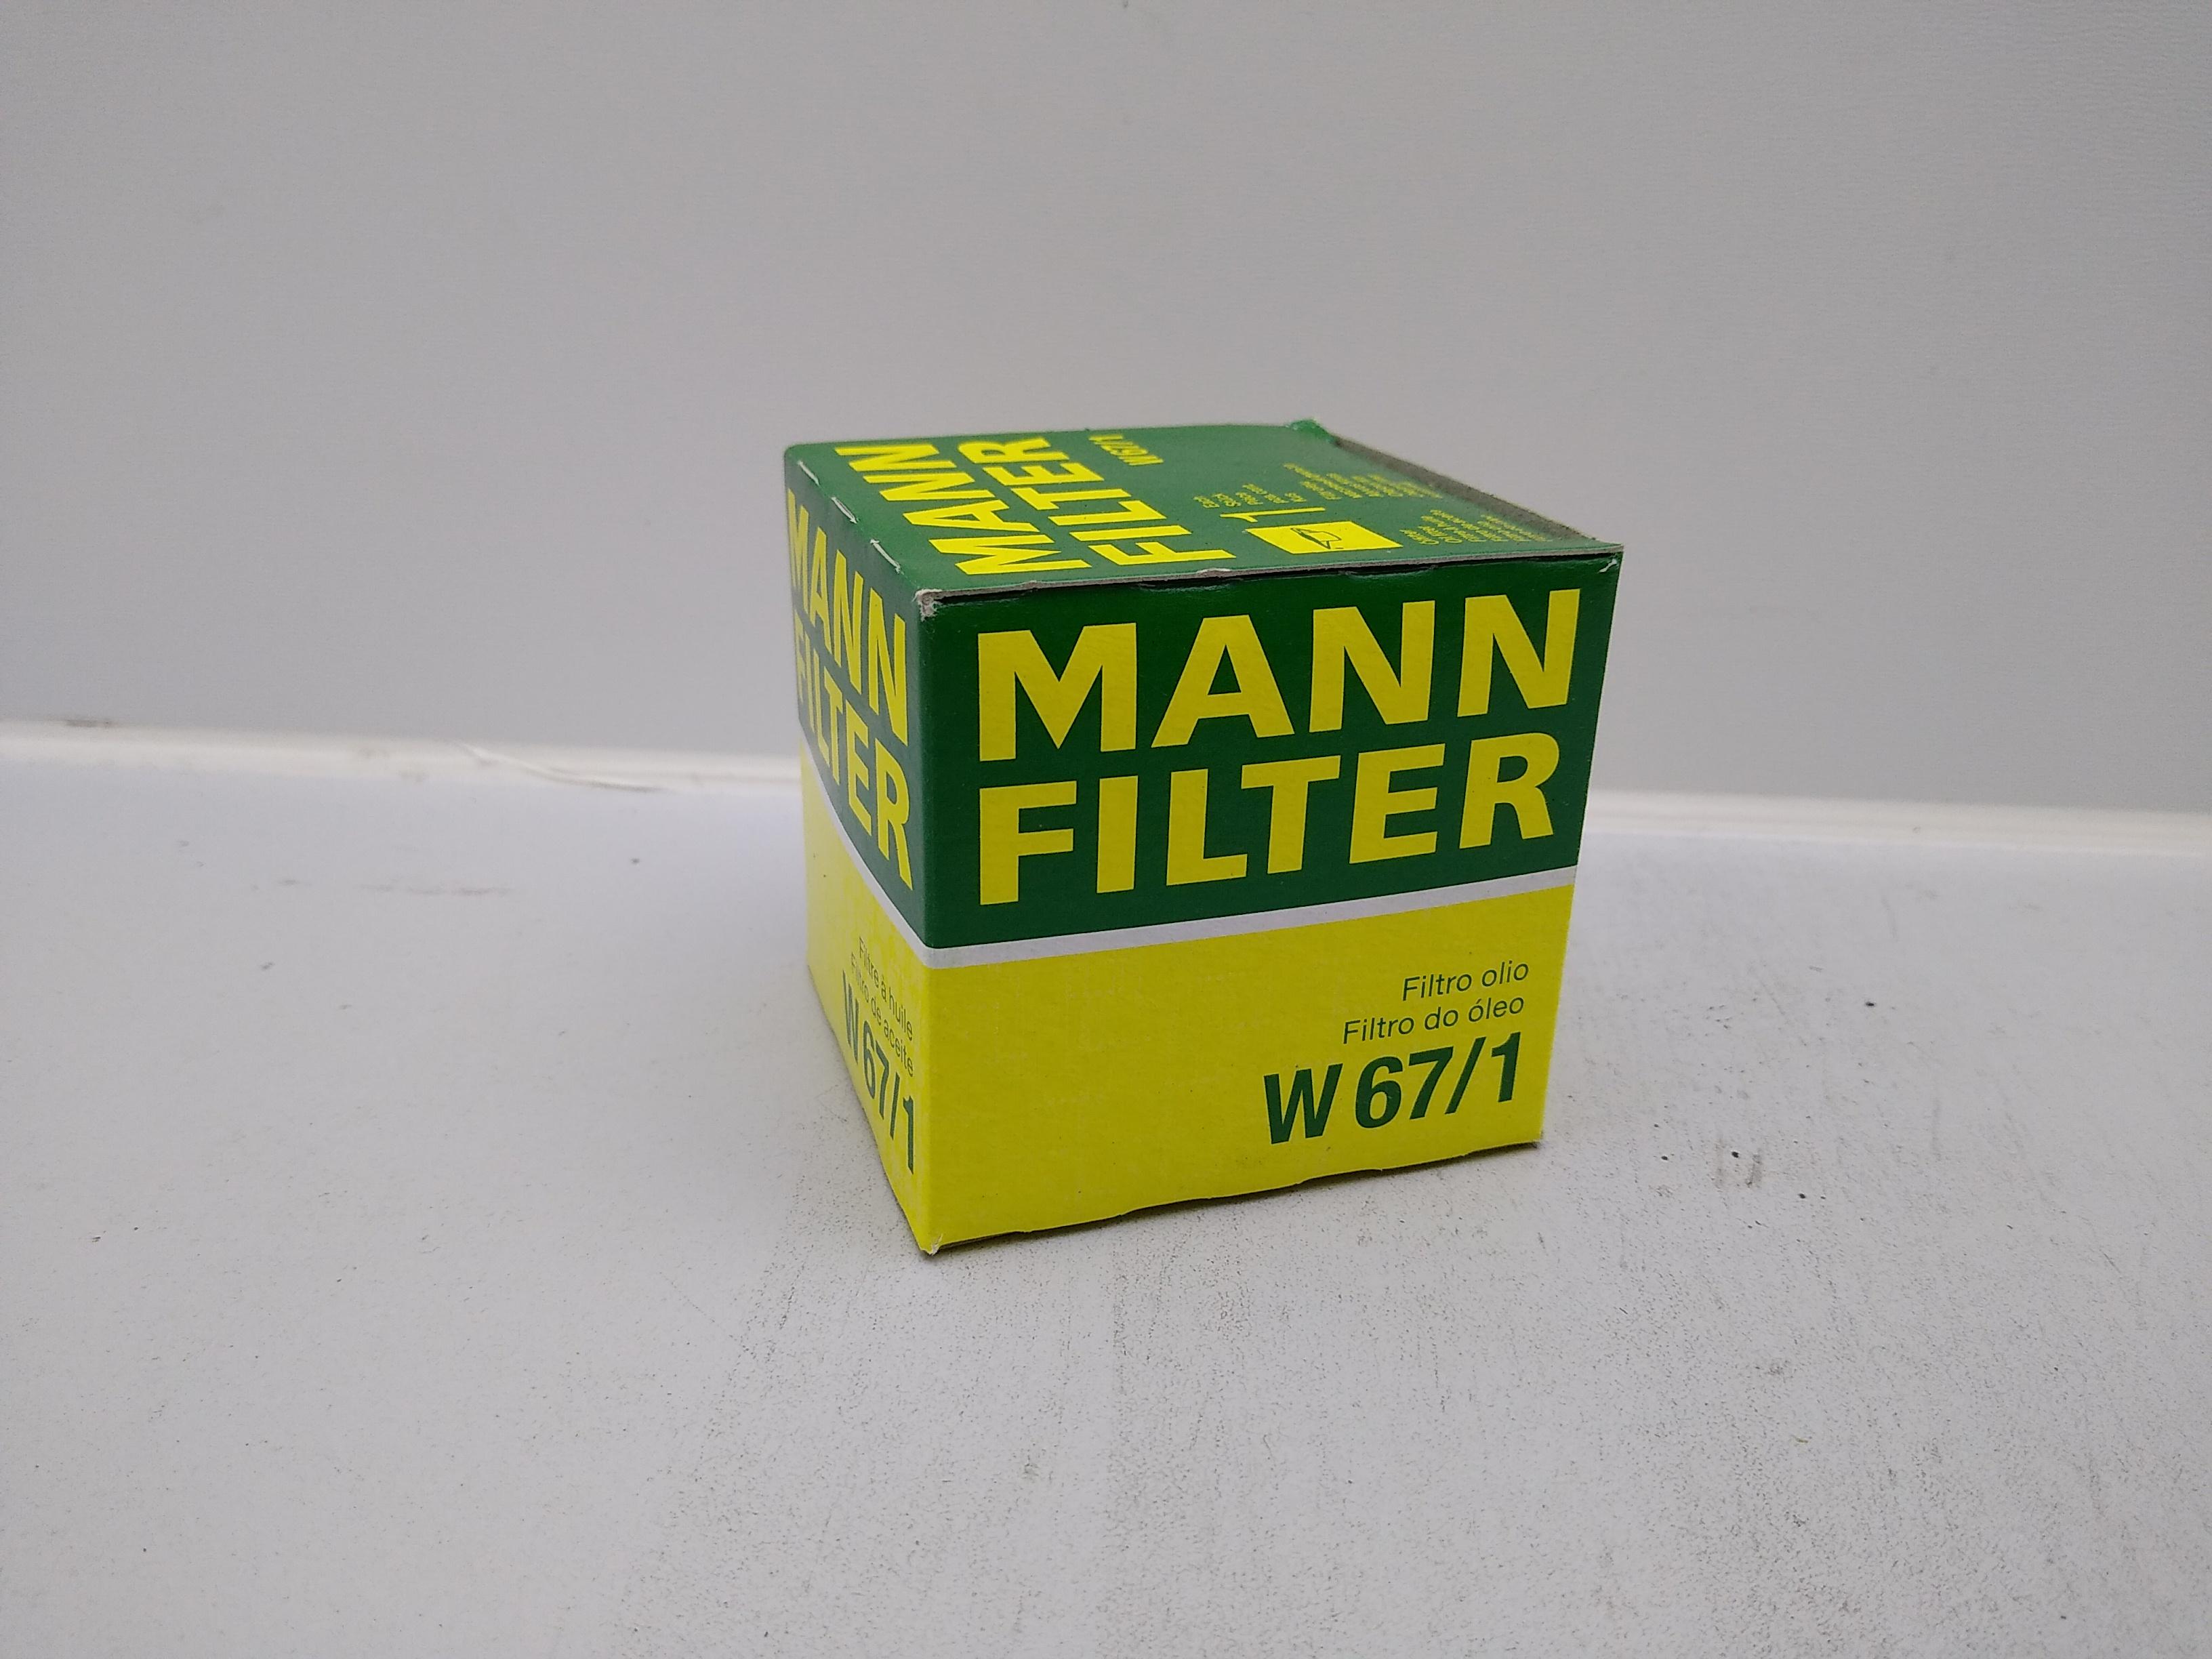 Mann Filter Ölfilter W67/1 für Subaru EJ Motoren